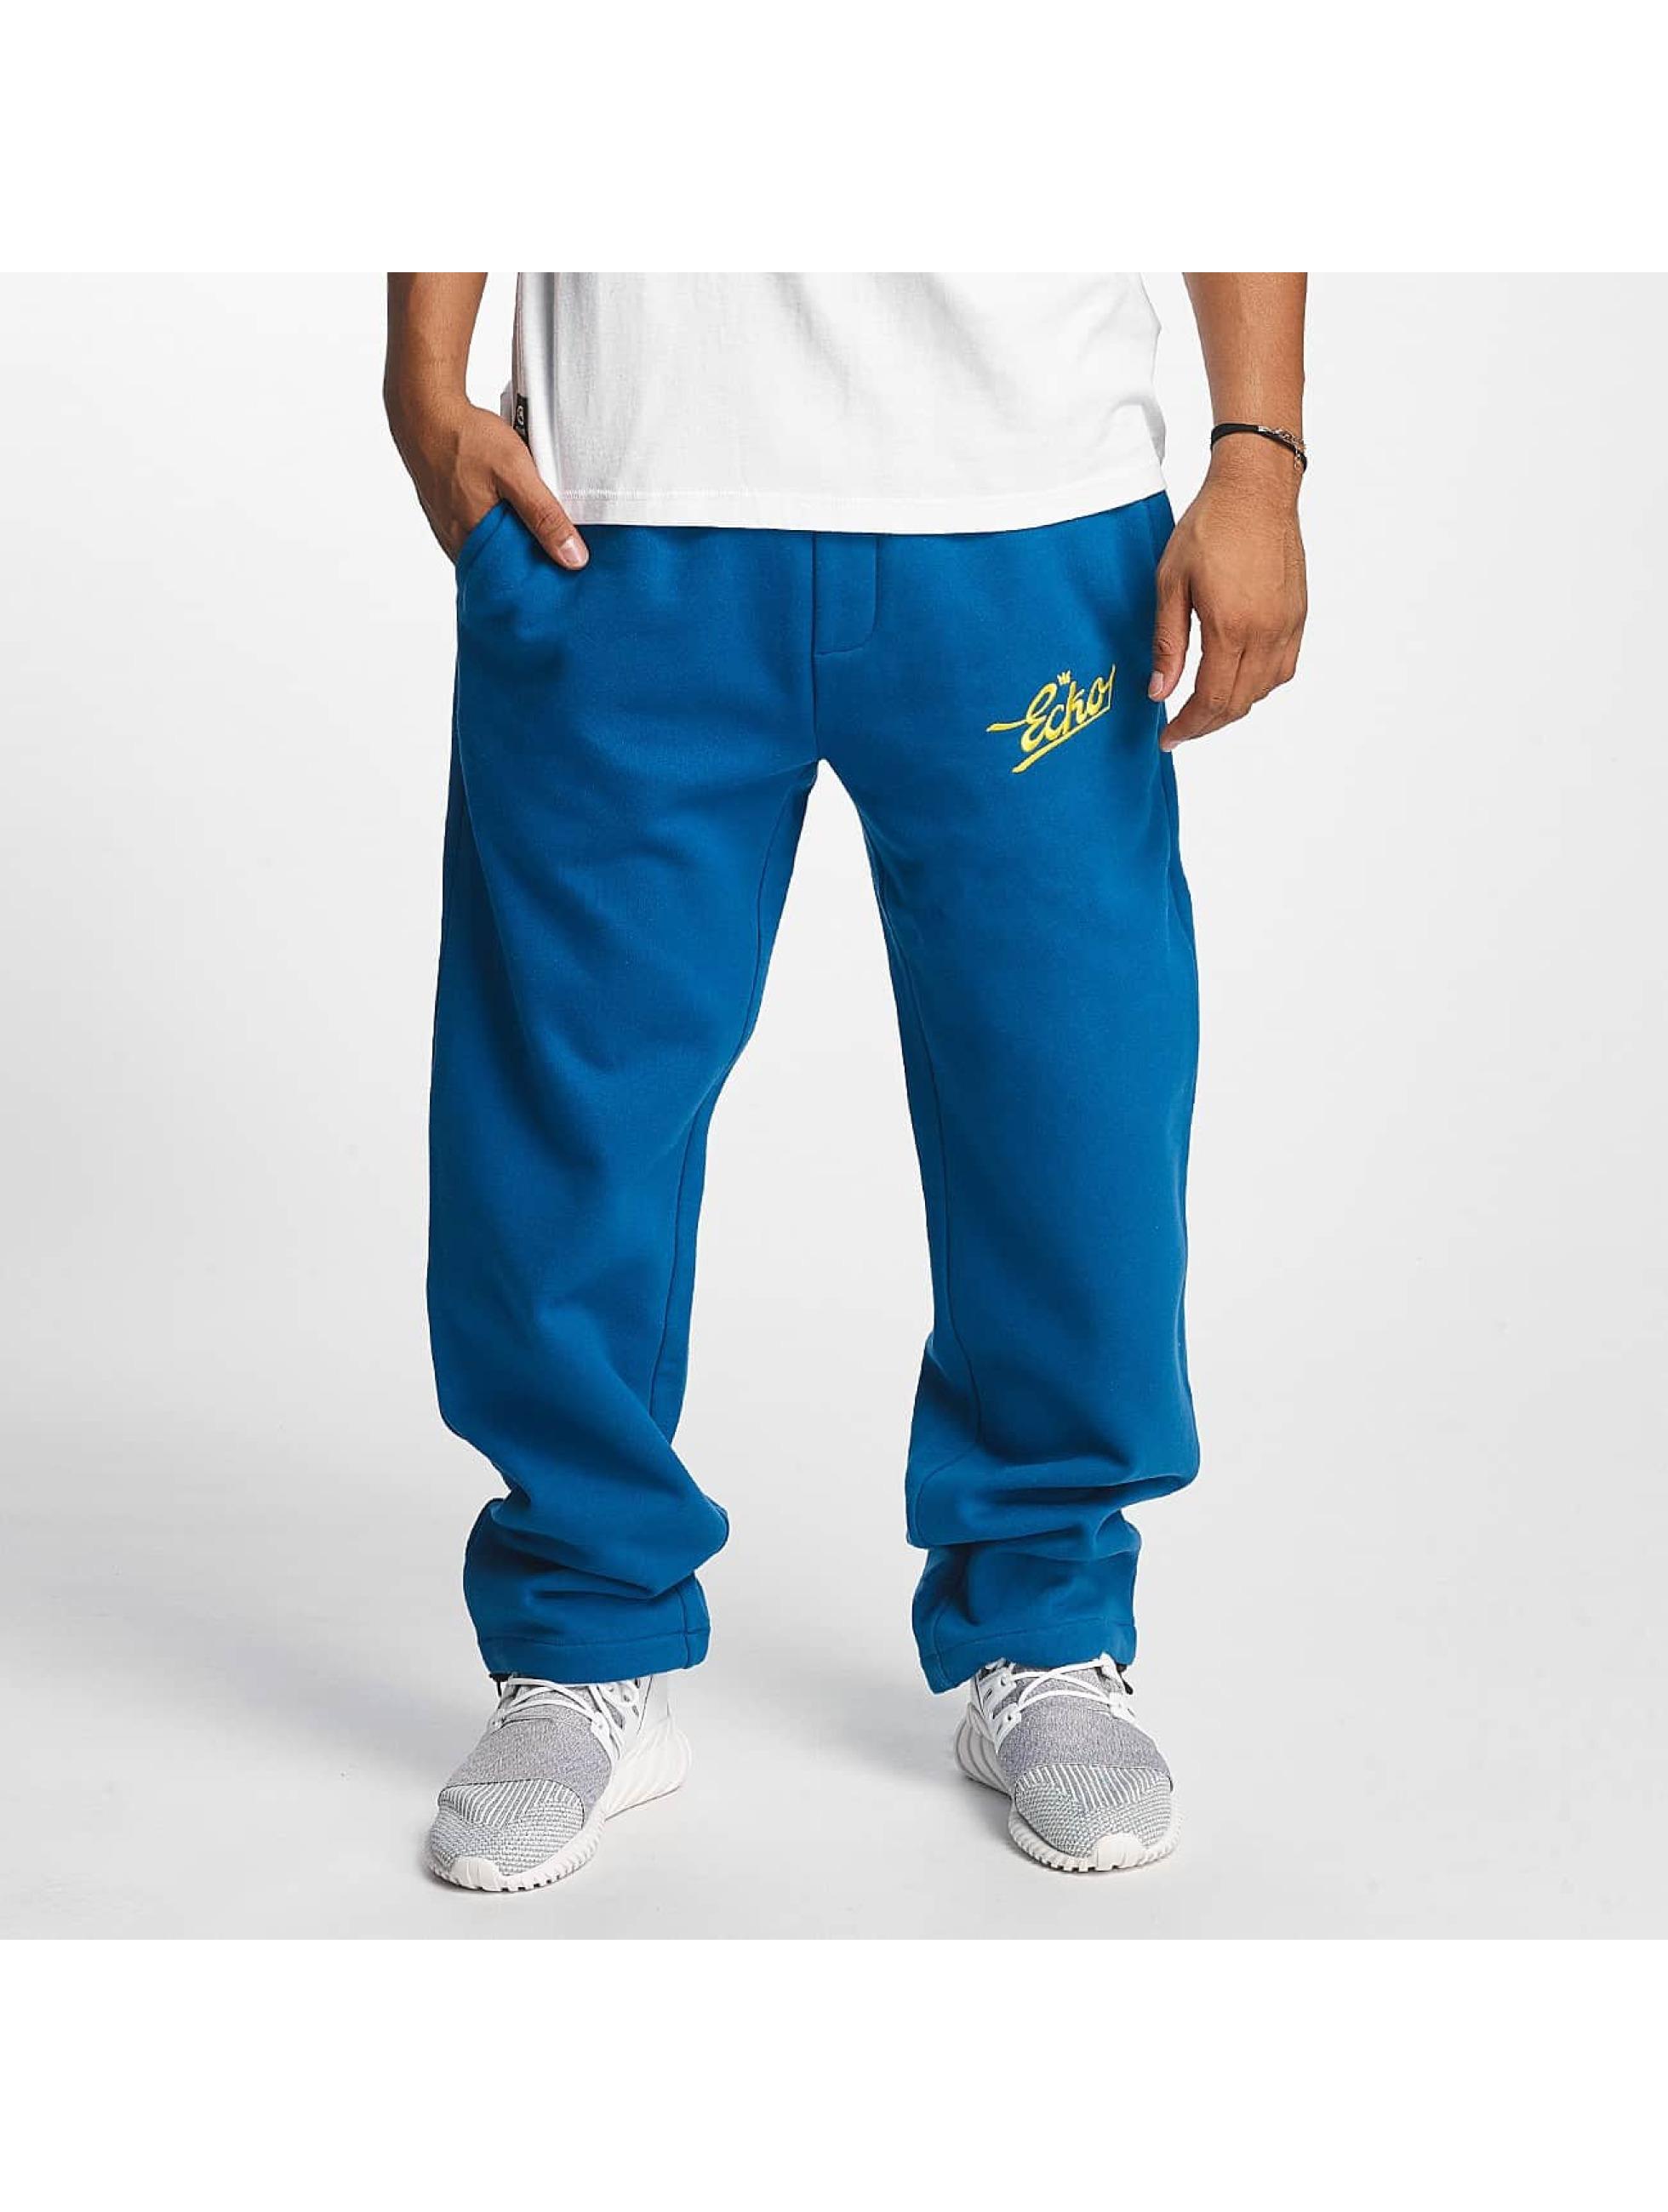 Ecko Unltd. / Sweat Pant Gordon`s Bay in blue XL